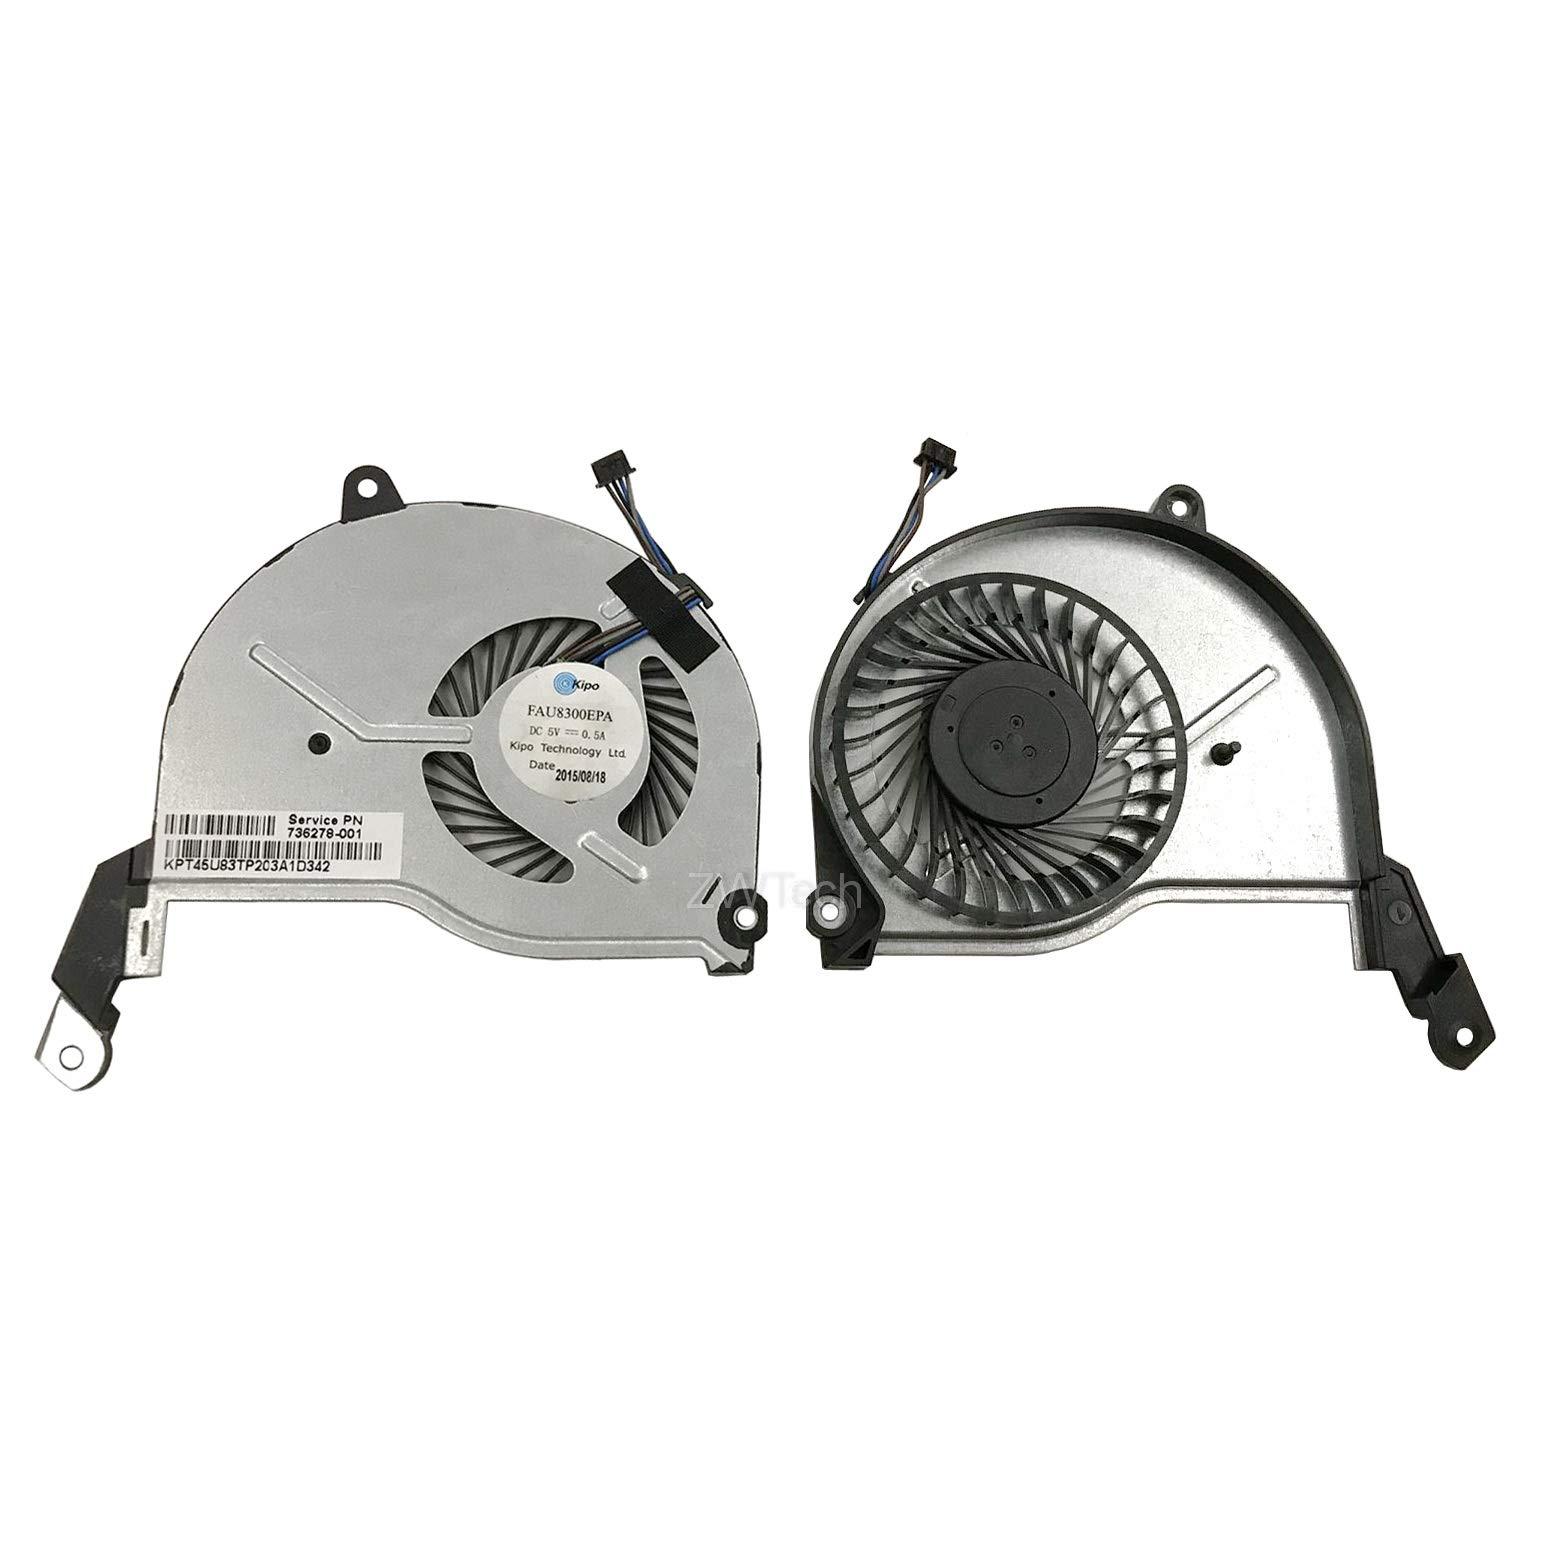 Cooler para HP Pavilion 14-N 15-F 15-N Series 14-N019NR 15-N019WM 15-N020CA 15-N060CA 15-N060NR 15-F039WM 15-F048CA 15-N